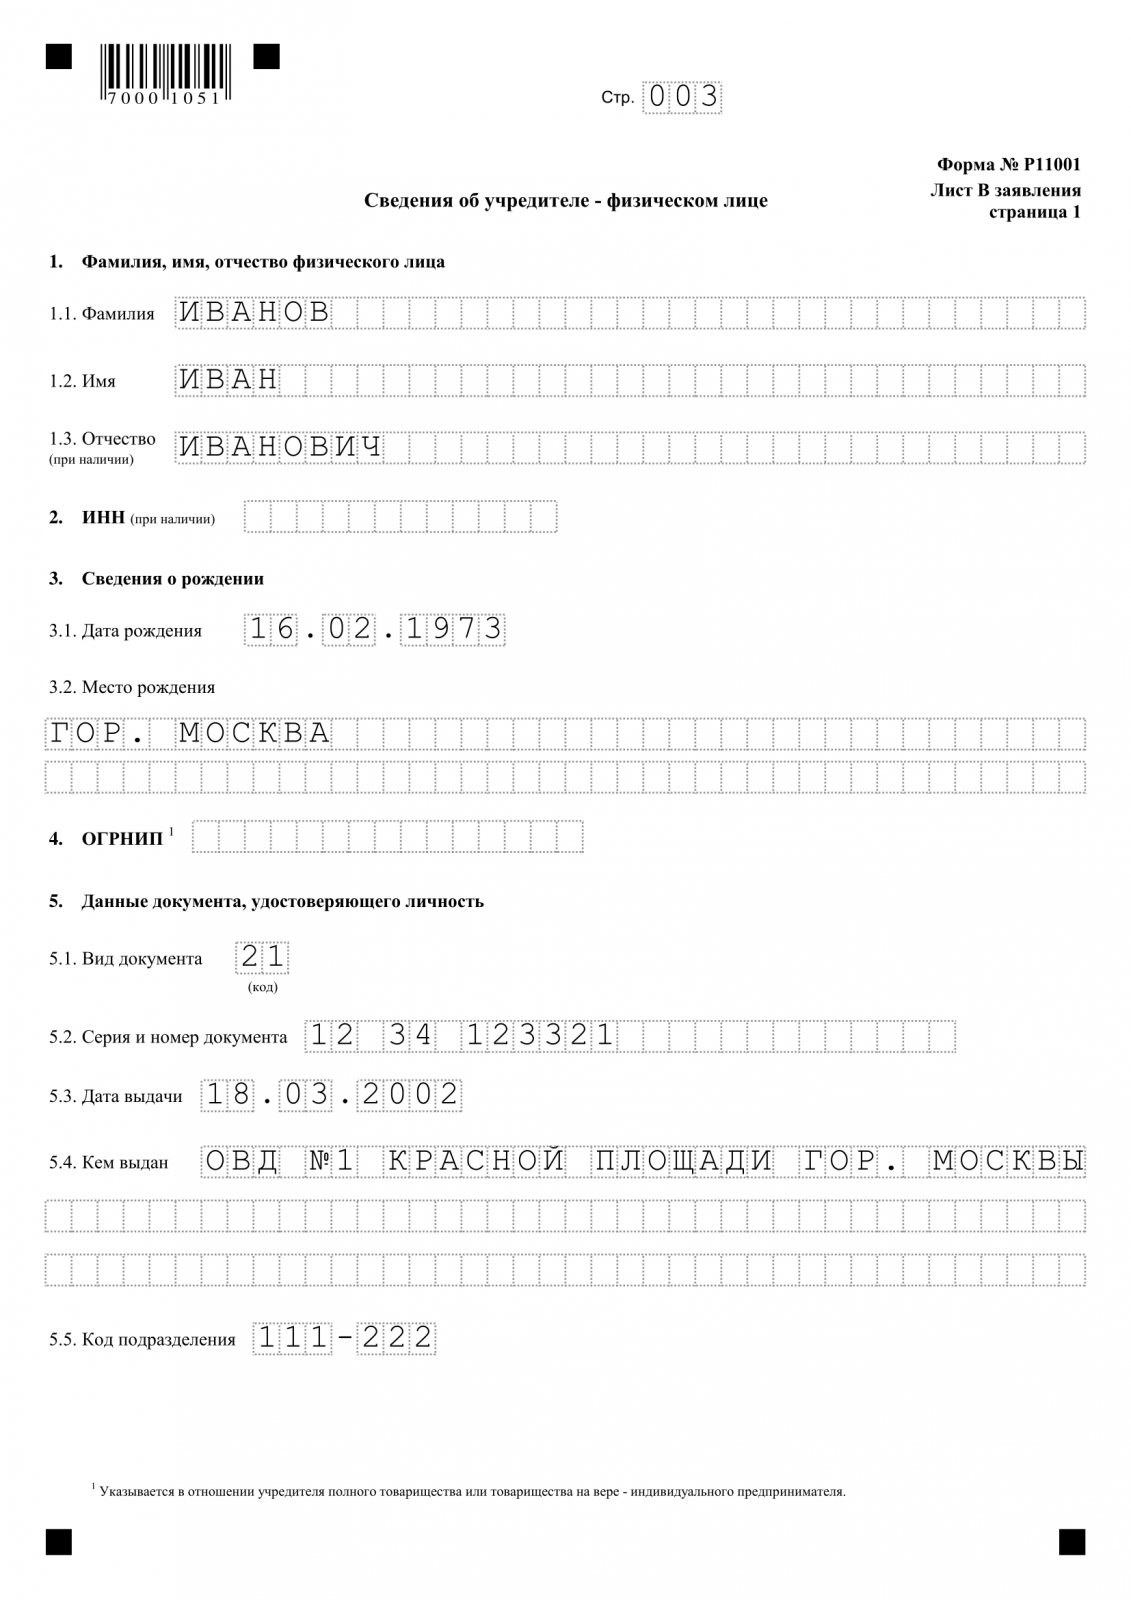 р11001 образец заполнения